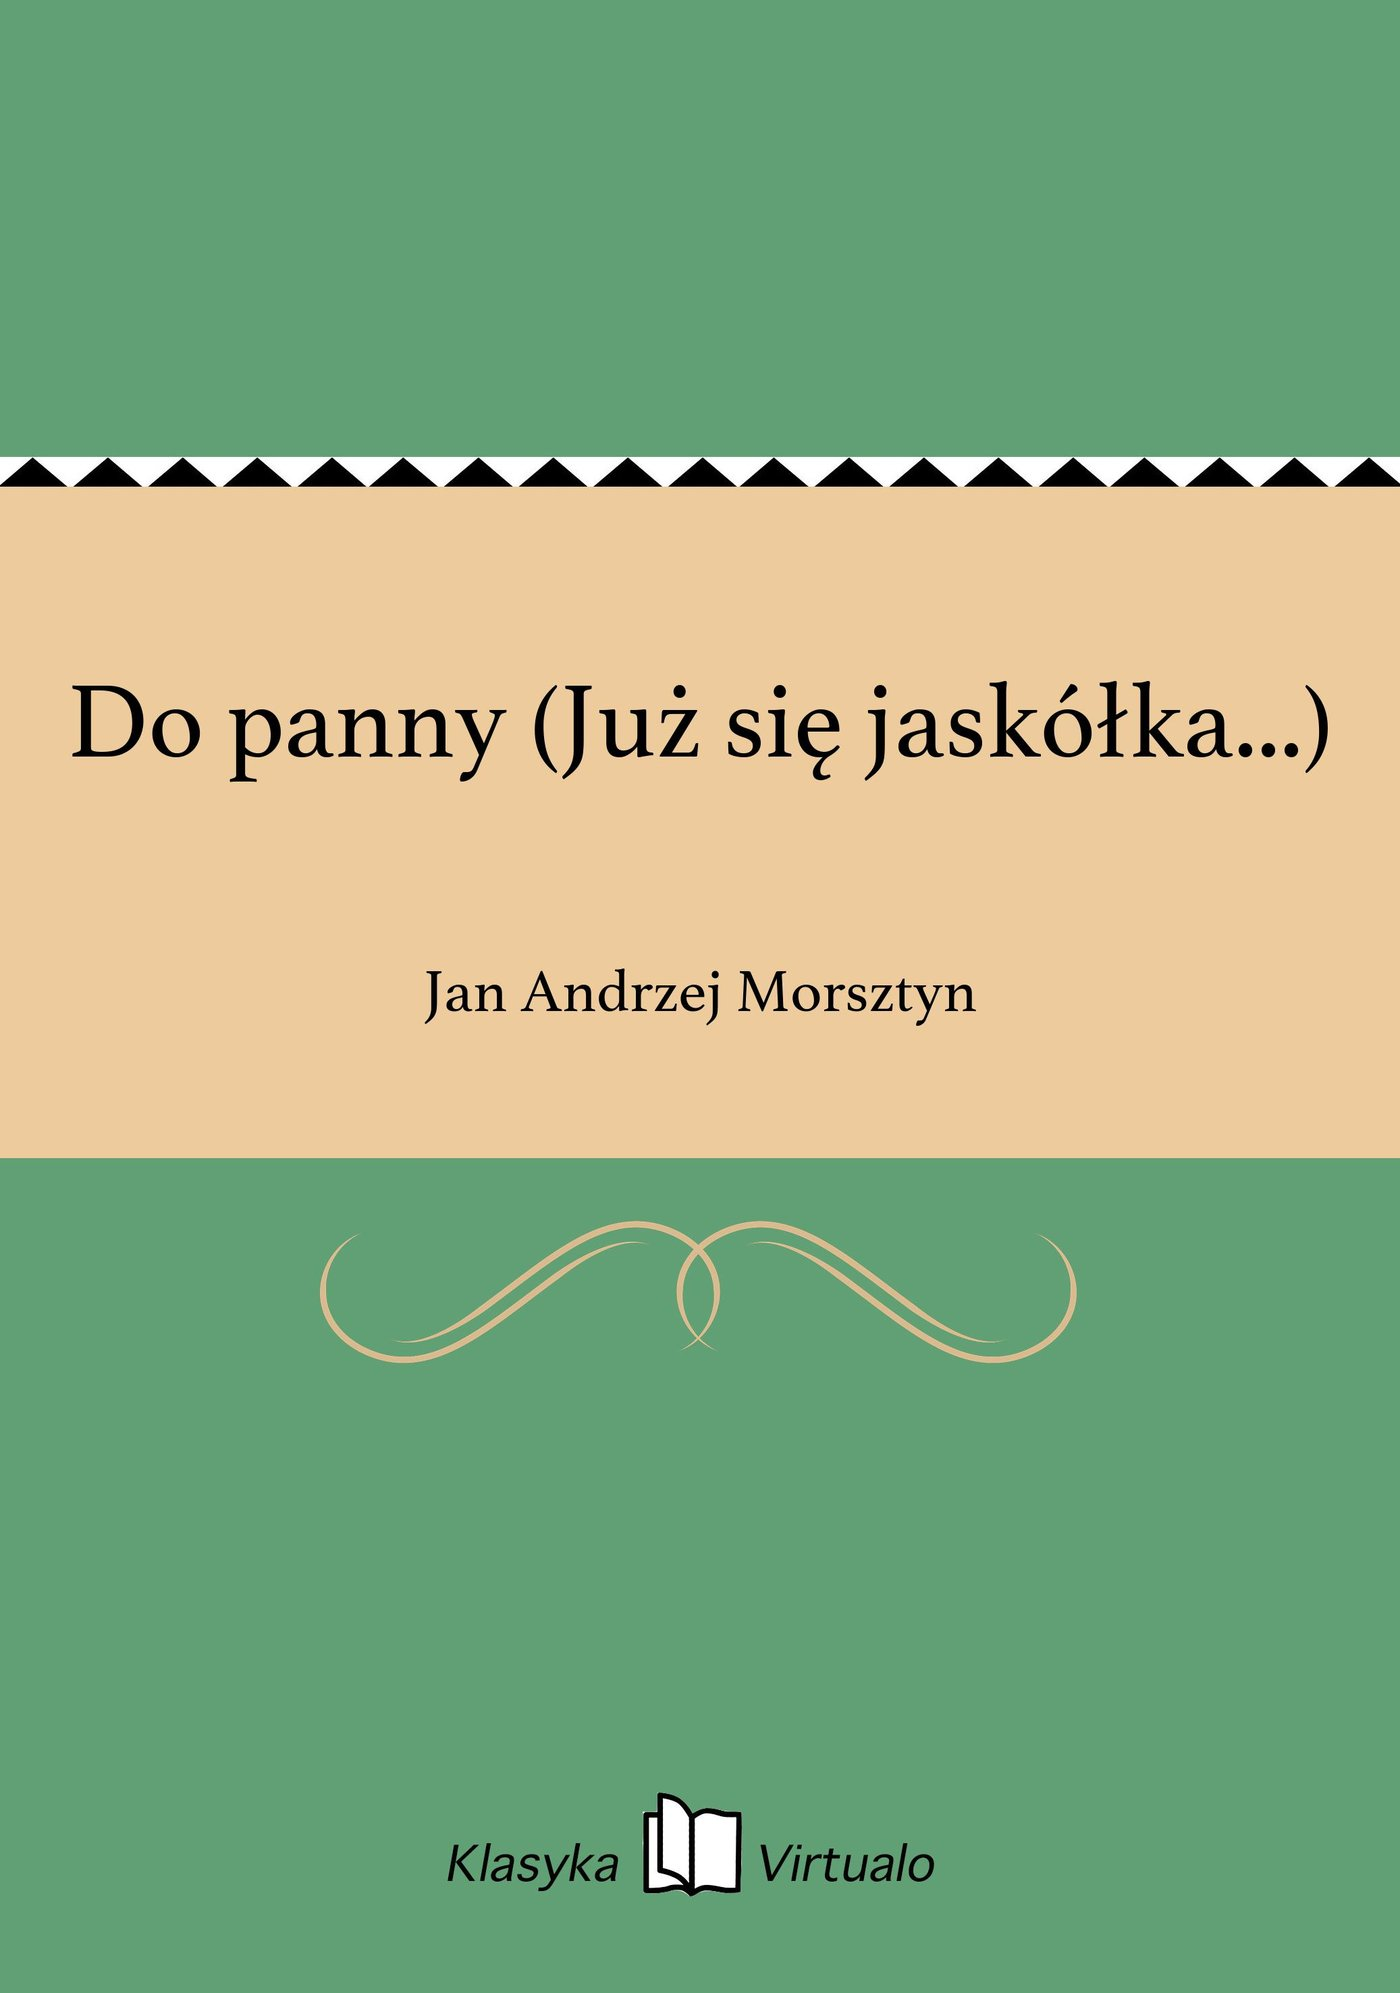 Do panny (Już się jaskółka...) - Ebook (Książka na Kindle) do pobrania w formacie MOBI